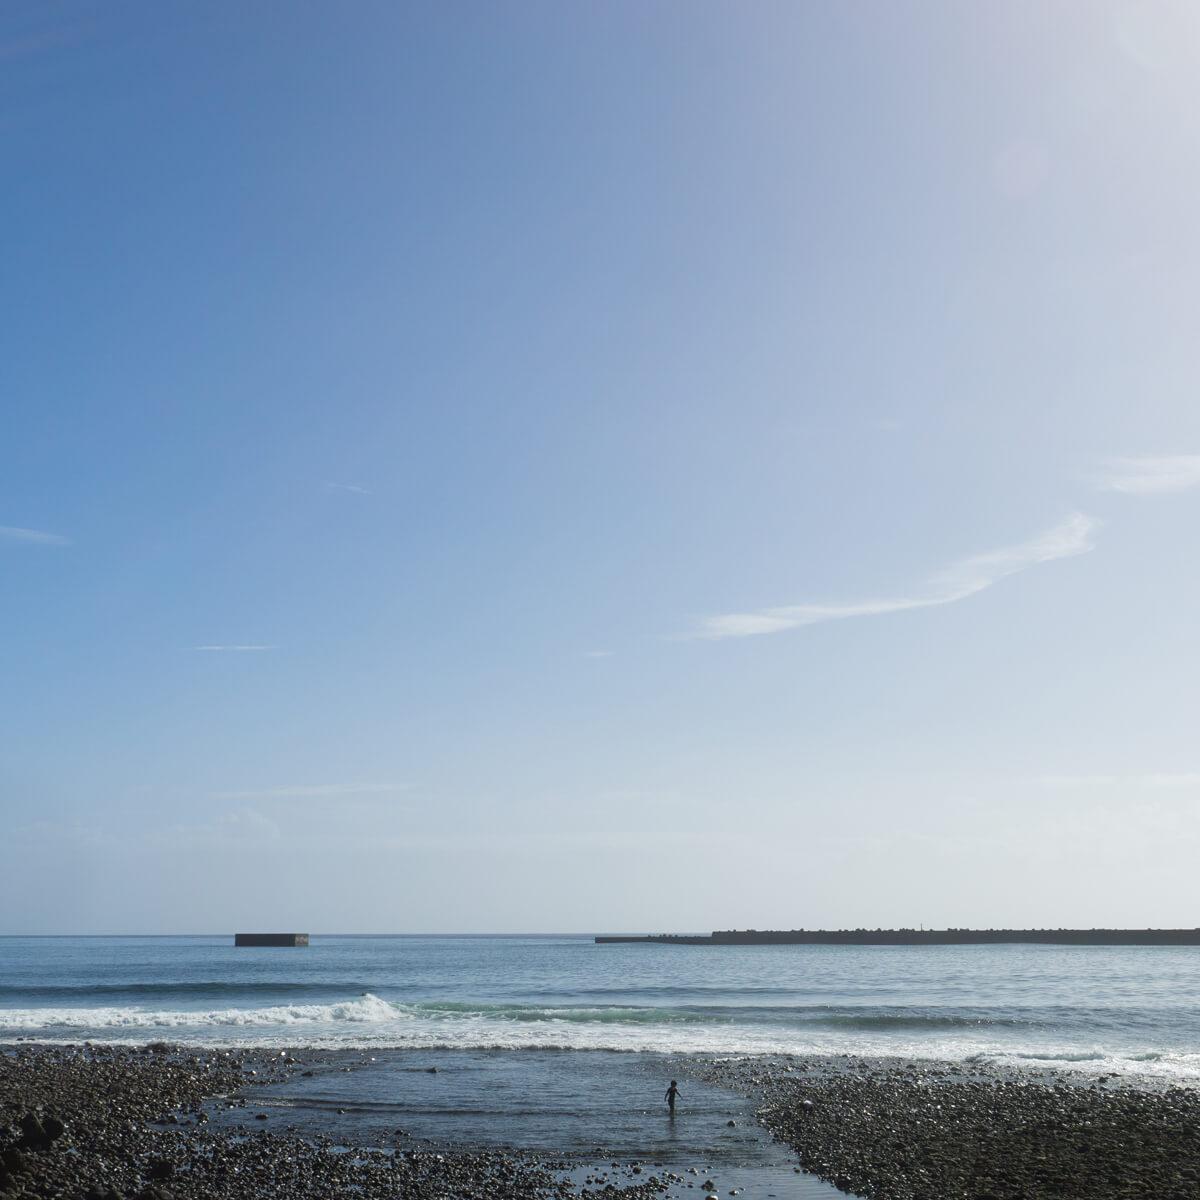 屋久島の海、空 屋久島海とジュエリー オーダーメイドマリッジリングのモチーフ